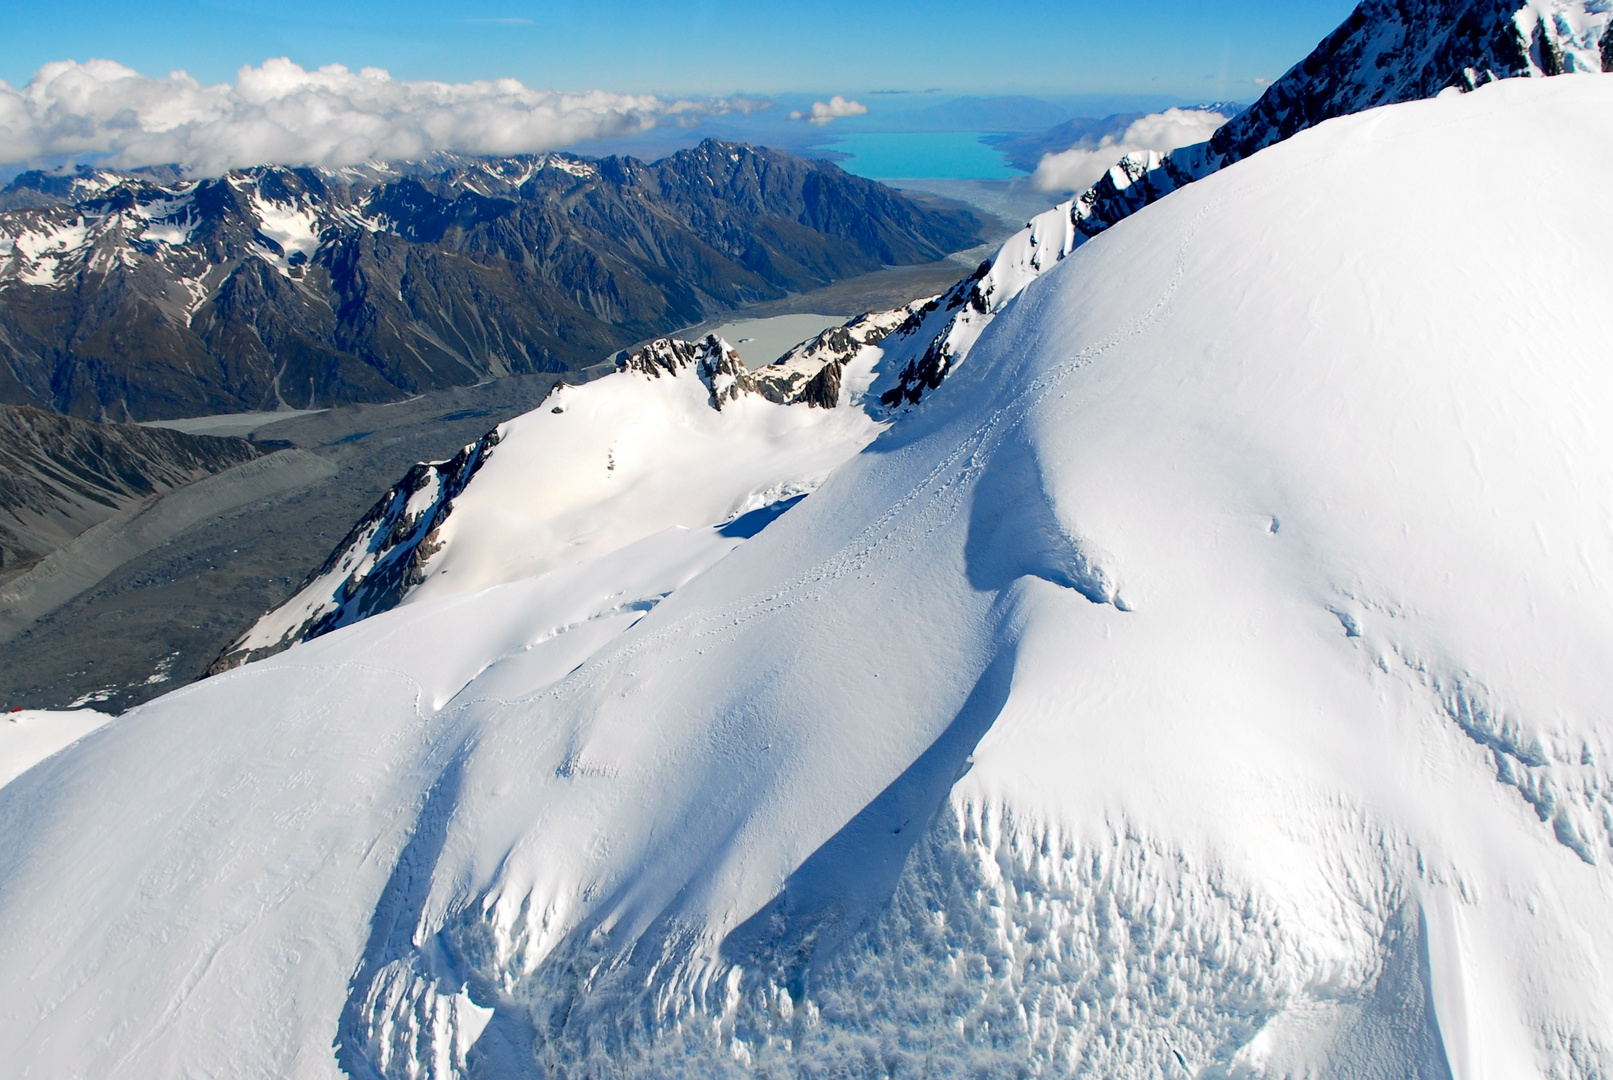 Tasman Glacier with view to the Lake Pukaki